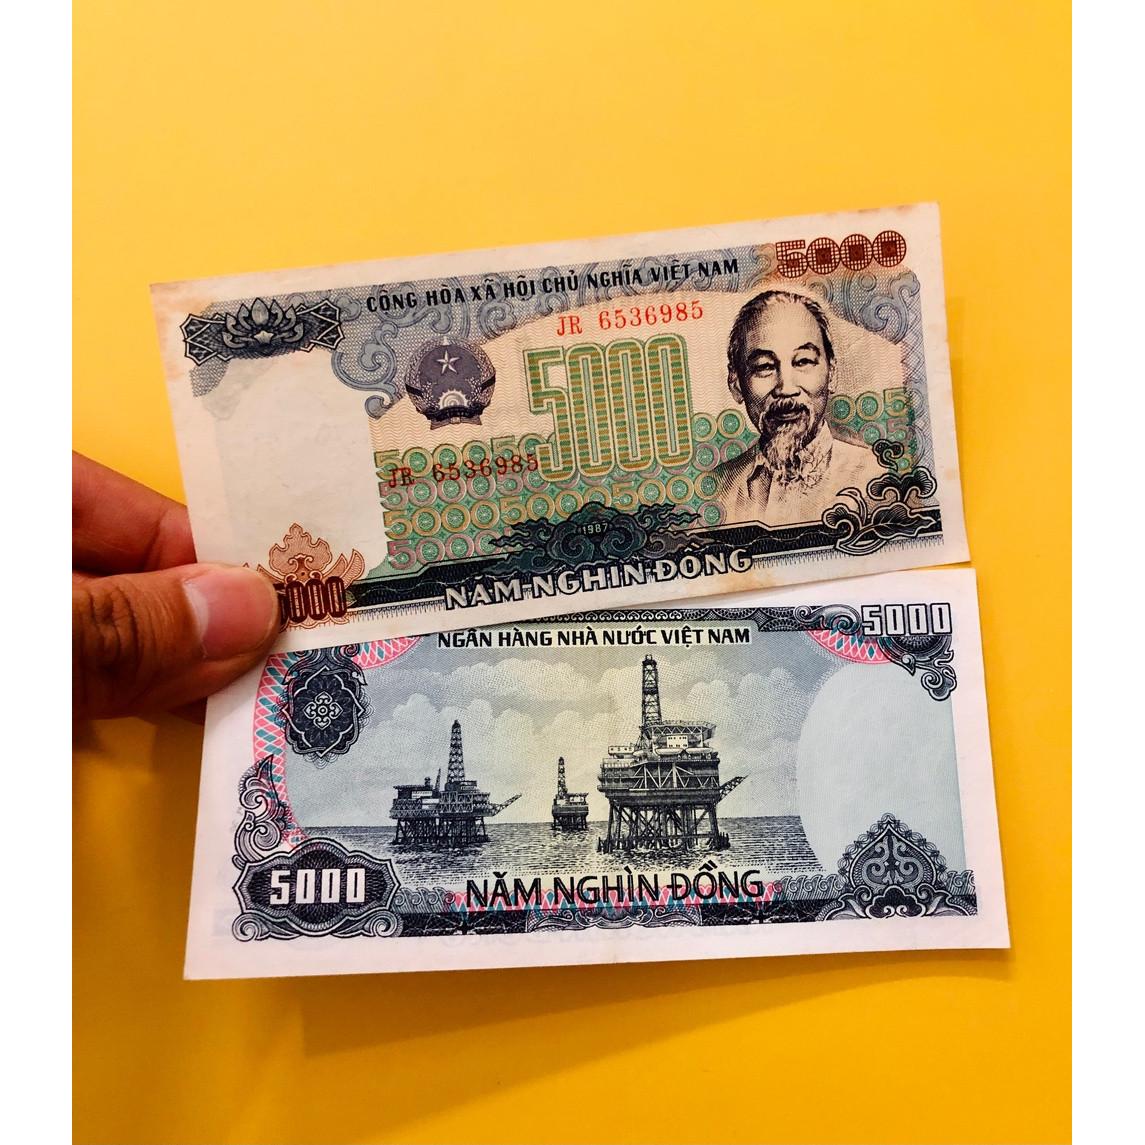 Tờ tiền 5000 đồng Việt Nam 1987 hình ảnh giàn khoan dầu khí, tiền xưa thời bao cấp sưu tầm